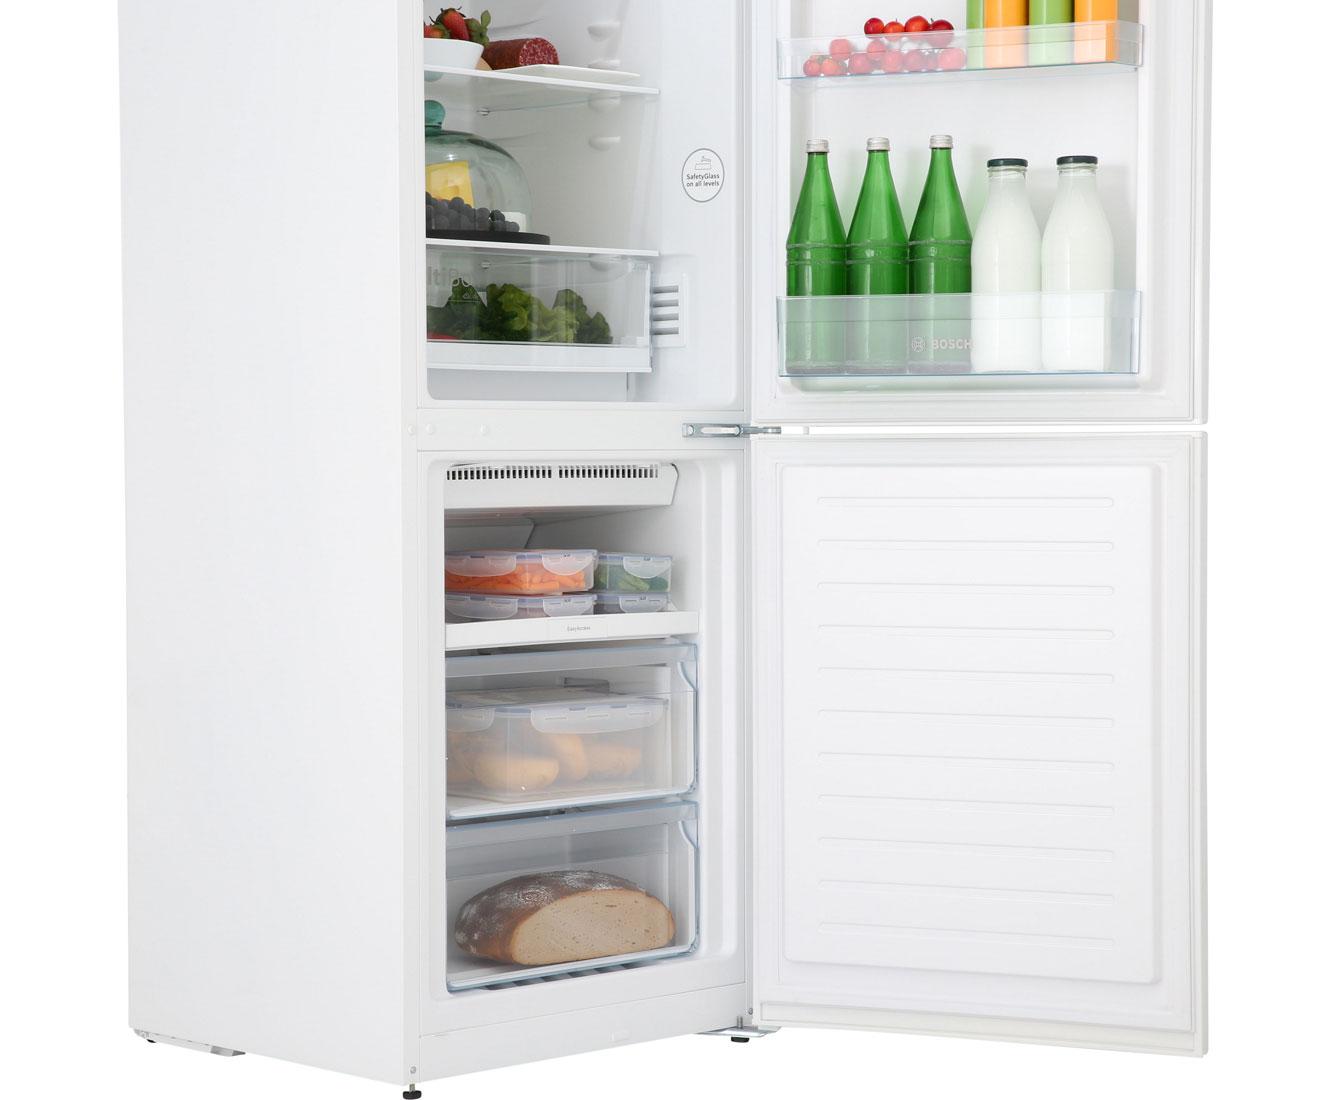 Bosch Kühlschrank Temperatur : Ideale temperatur gefrierschrank einbau kühl gefriergerät